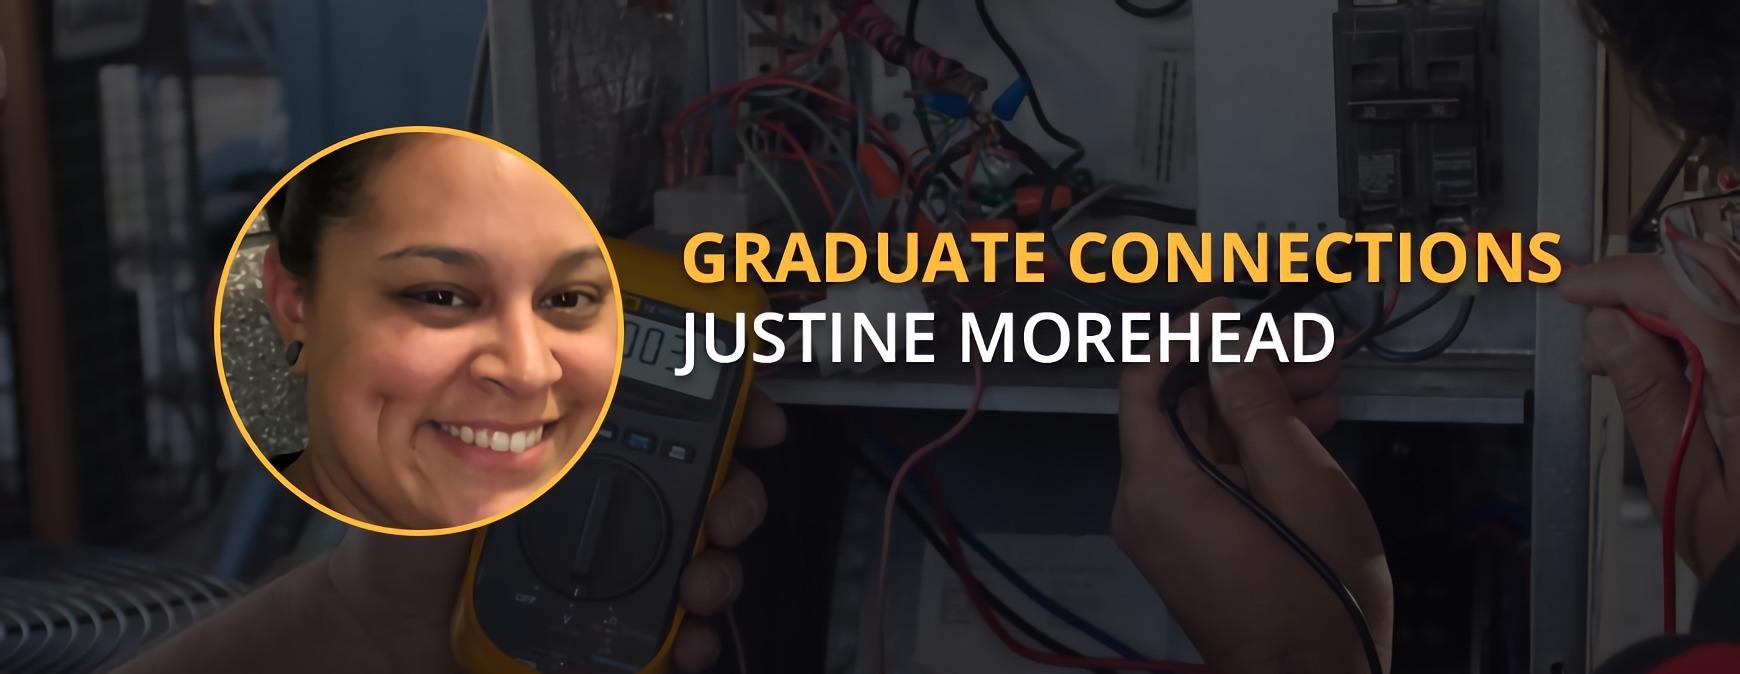 Justine Morehead